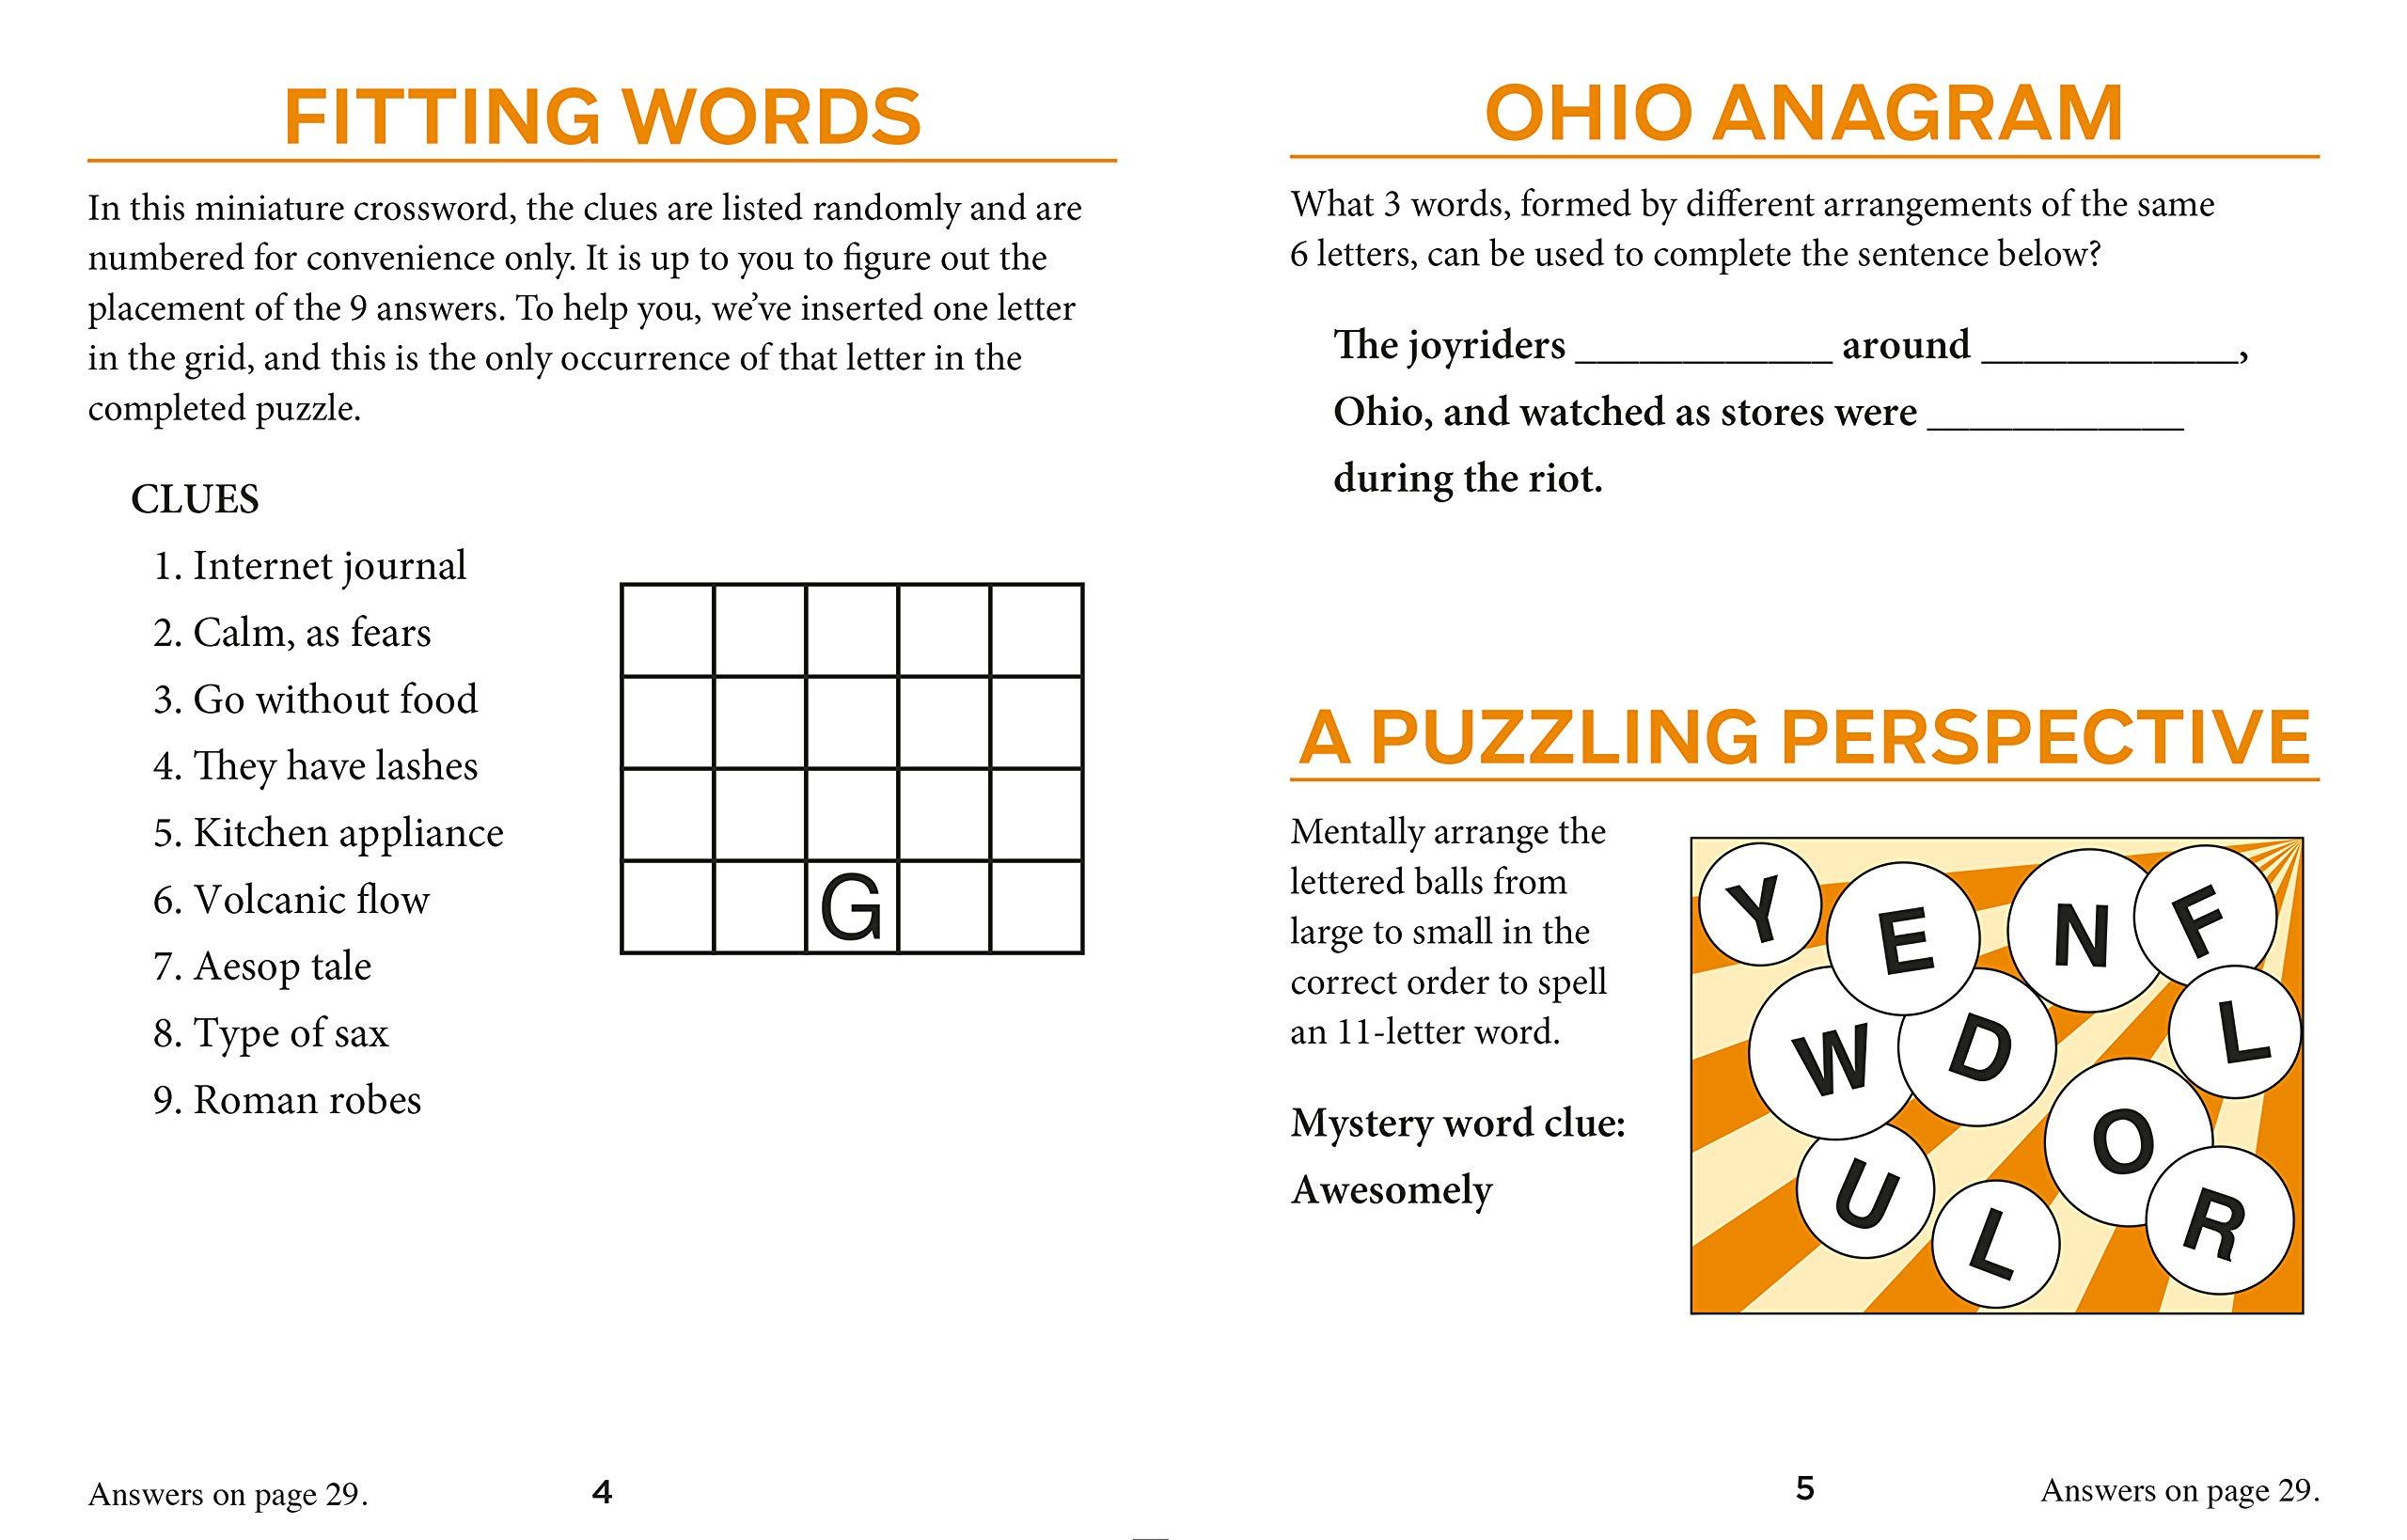 AARP 10-Book Puzzle Set (Large-Print): Publications